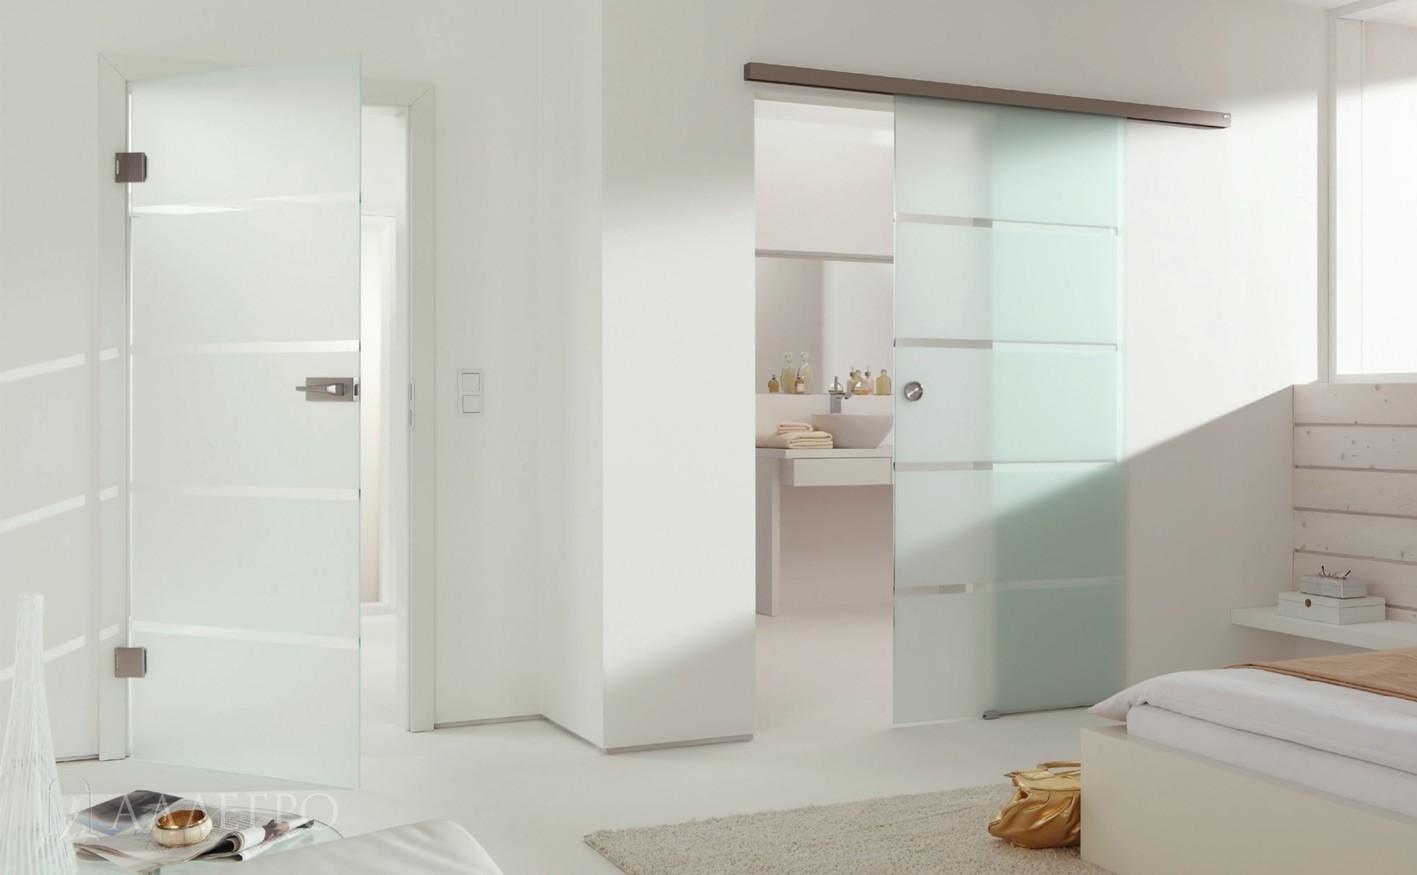 Стеклянные двери с раздвижным механизмом